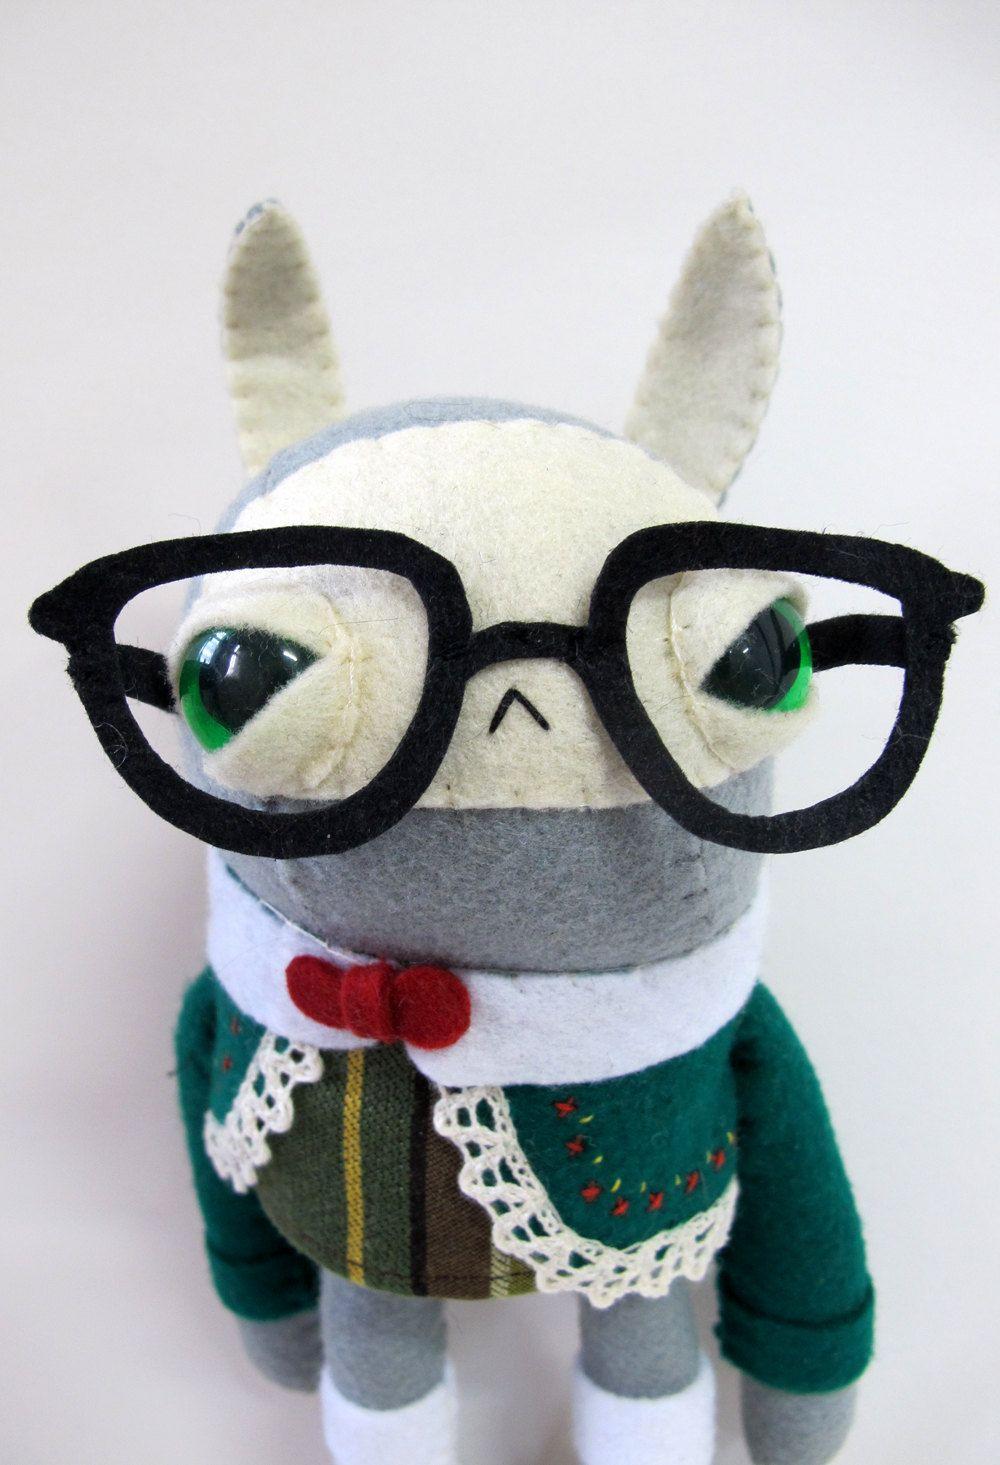 너무 귀엽다! 90달러가 아니라면 진지하게 구매를 고려했을 지도.... etsy에서 판매중이라는데. 우와... 구엽네.. 그자쉭.   =============================  Cat Rabbit Plush - Folksy Nerd Rabbit - Made to Order. $90.00, via Etsy.